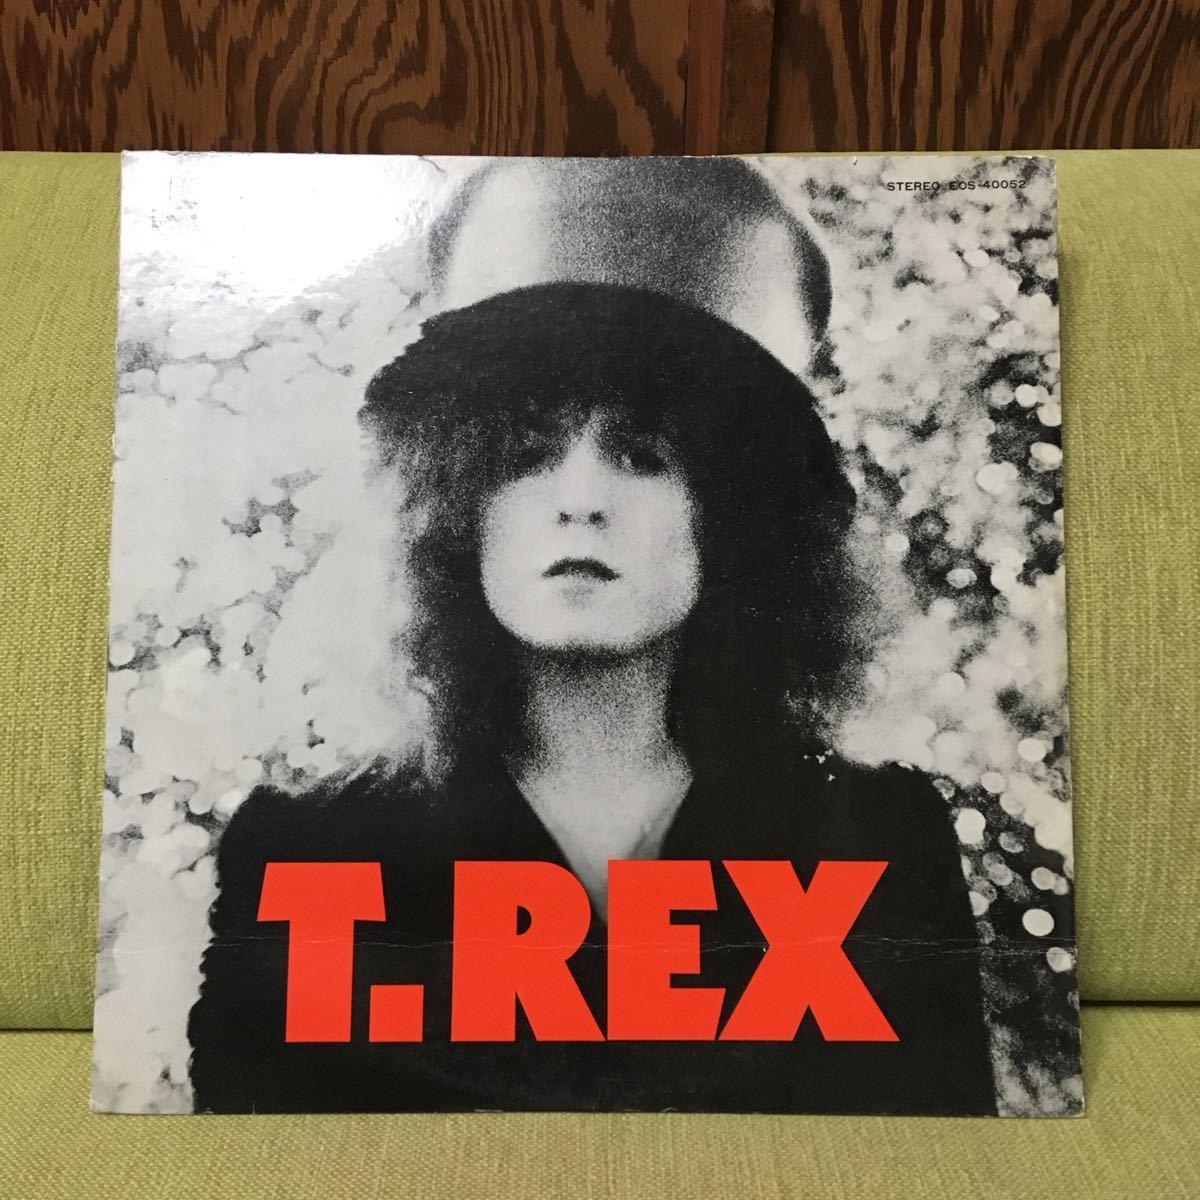 【1スタ売り切り*特価ノークレーム厳守】LP T.REX/THE SLIDER スライダー[Odeon EOS-40052] ★DAVID BOWIE 坂本慎太郎 グラム